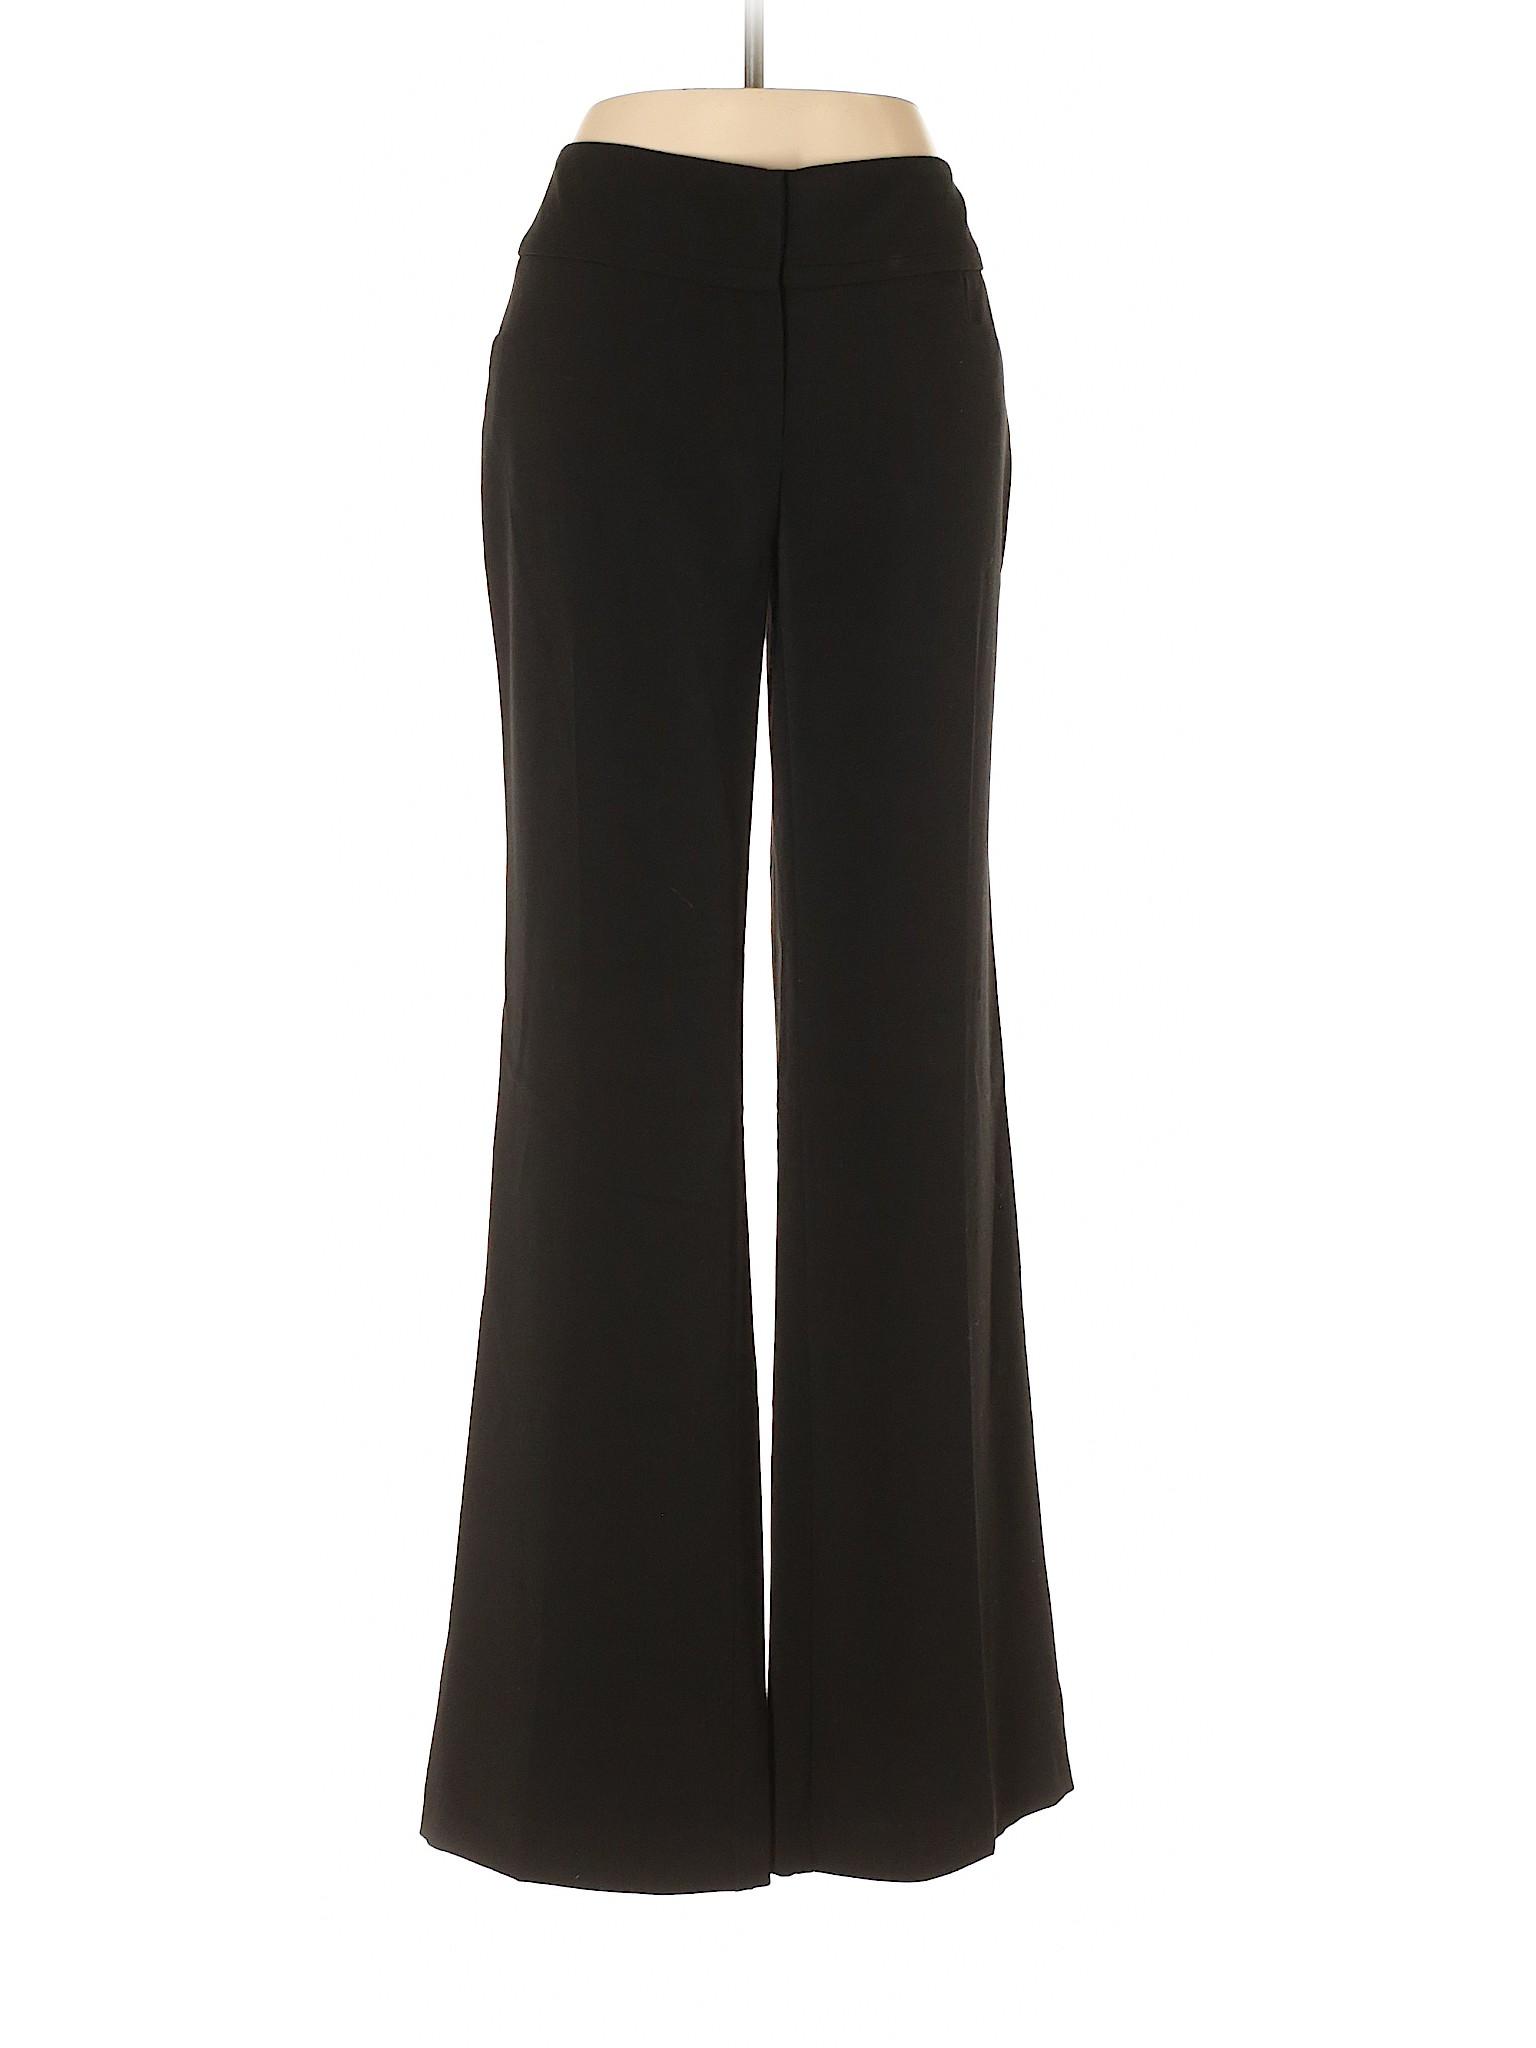 winter Apt Boutique Pants 9 Dress AOTwqT